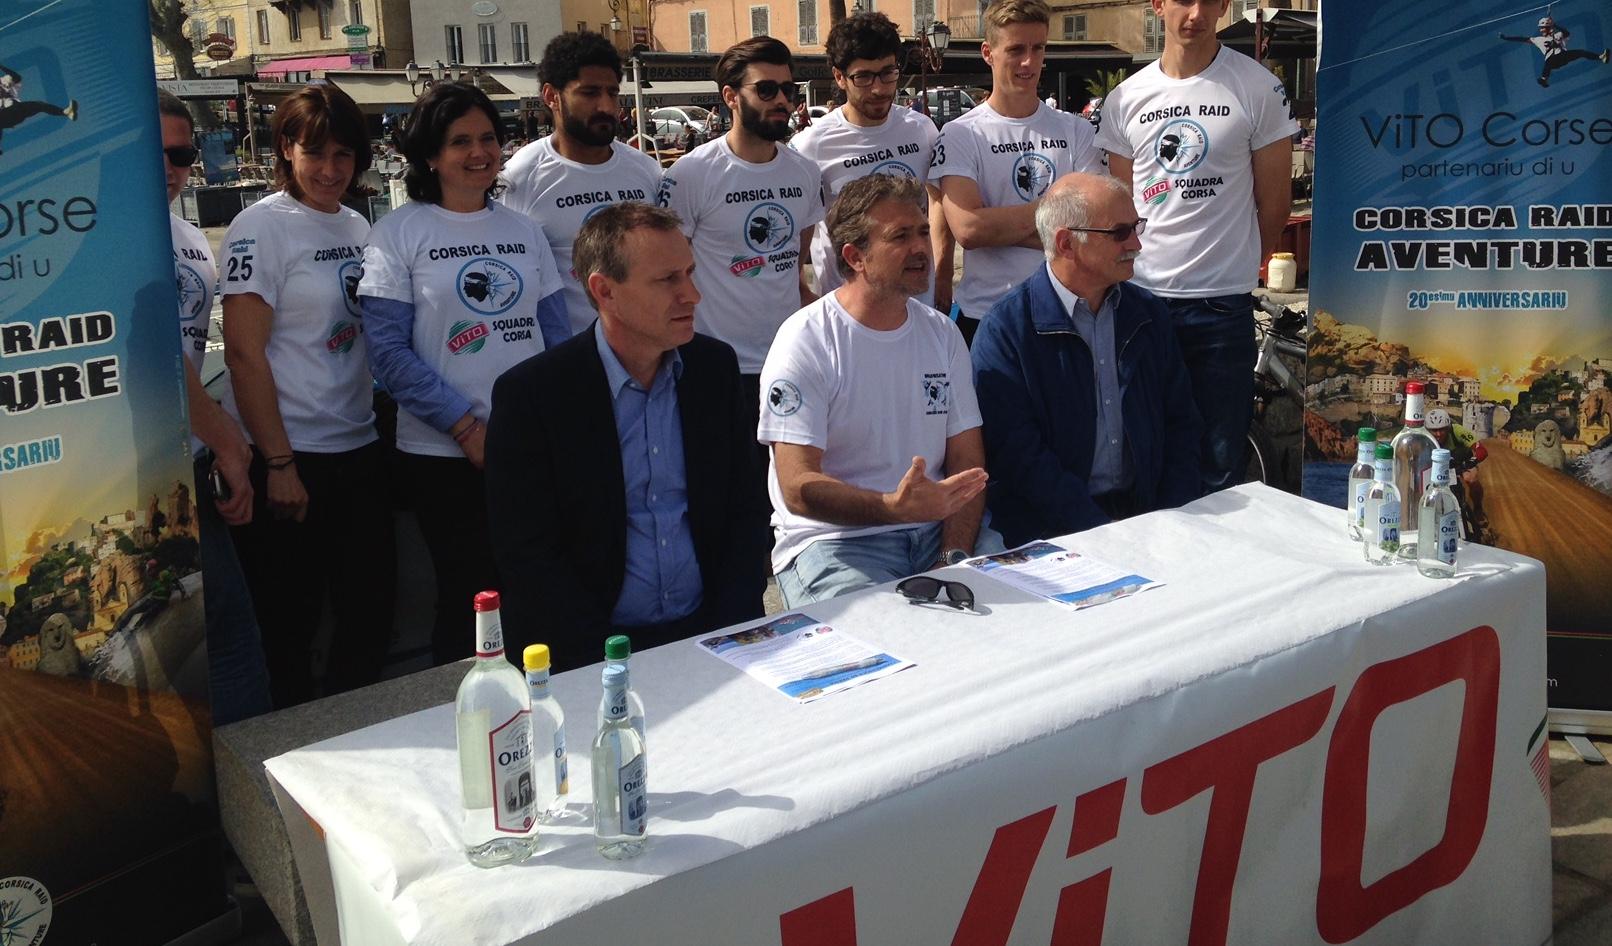 XXe Corsica Raid Aventure (3 au 8 juin) : Les chemins de la victoire passent par les routes de l'enfer